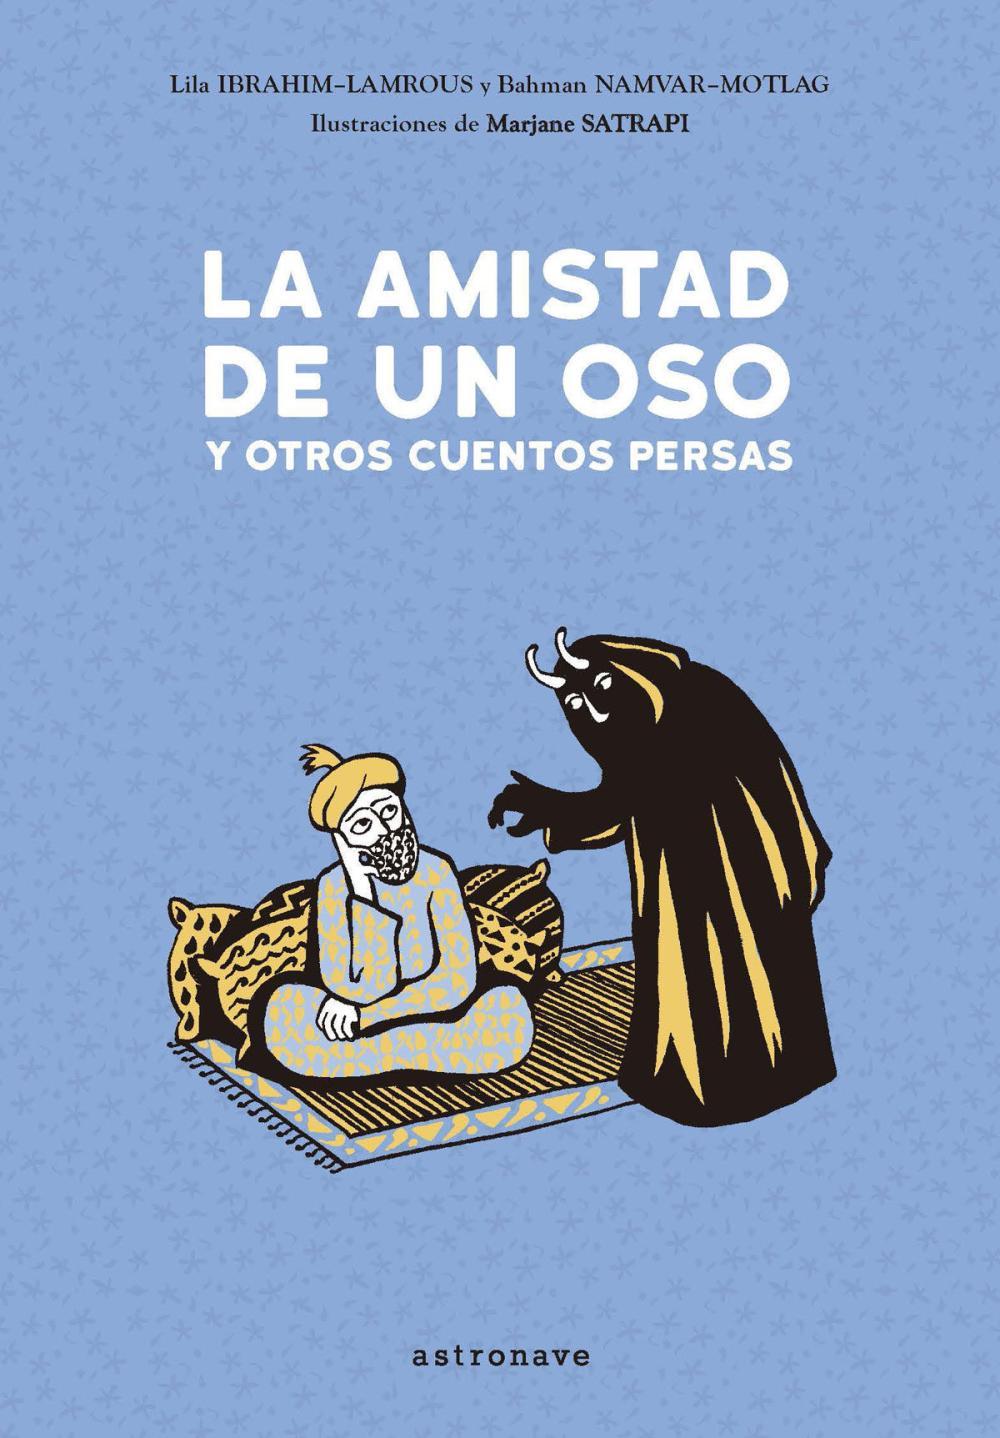 La amistad de un oso y otros cuentos persas